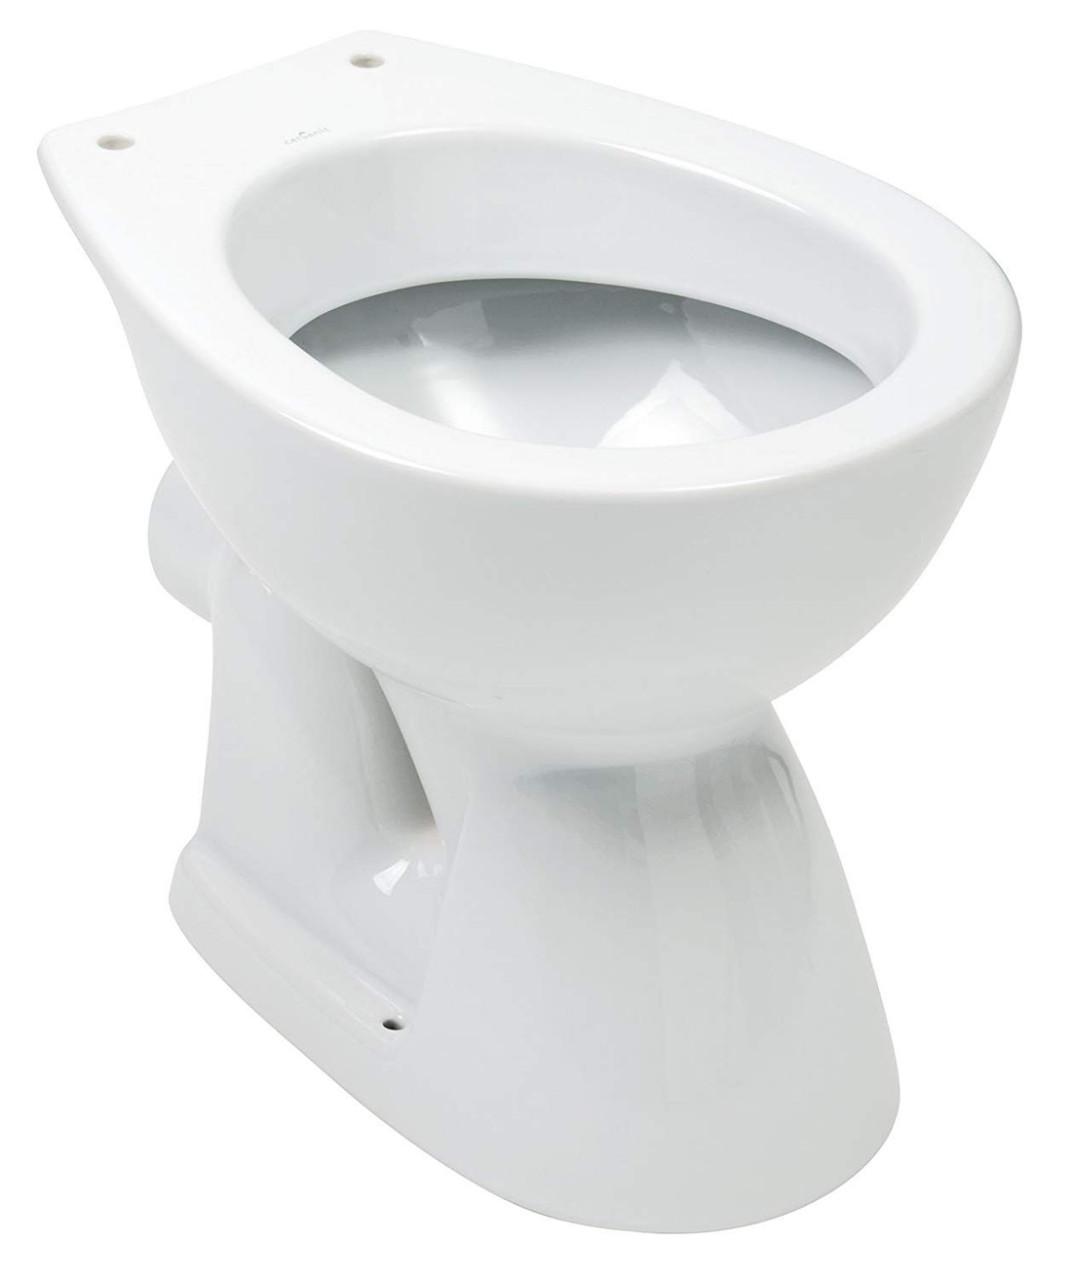 керамический унитаз Aquasu 56758 9 Stand Wc Bigl Ua